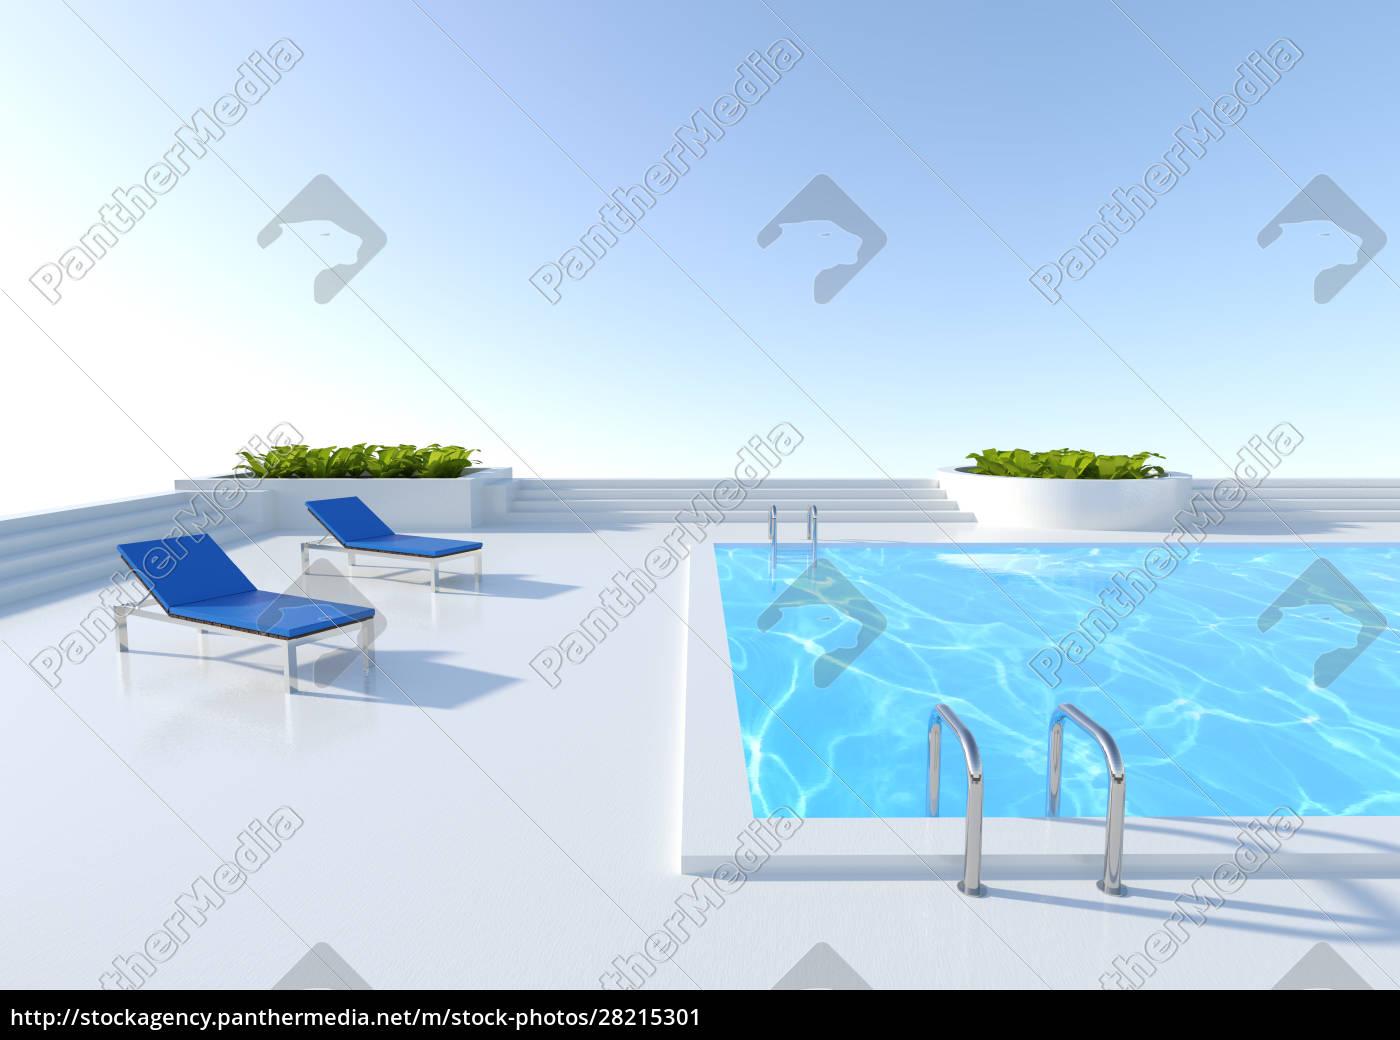 3d, rendering, pool, outside - 28215301